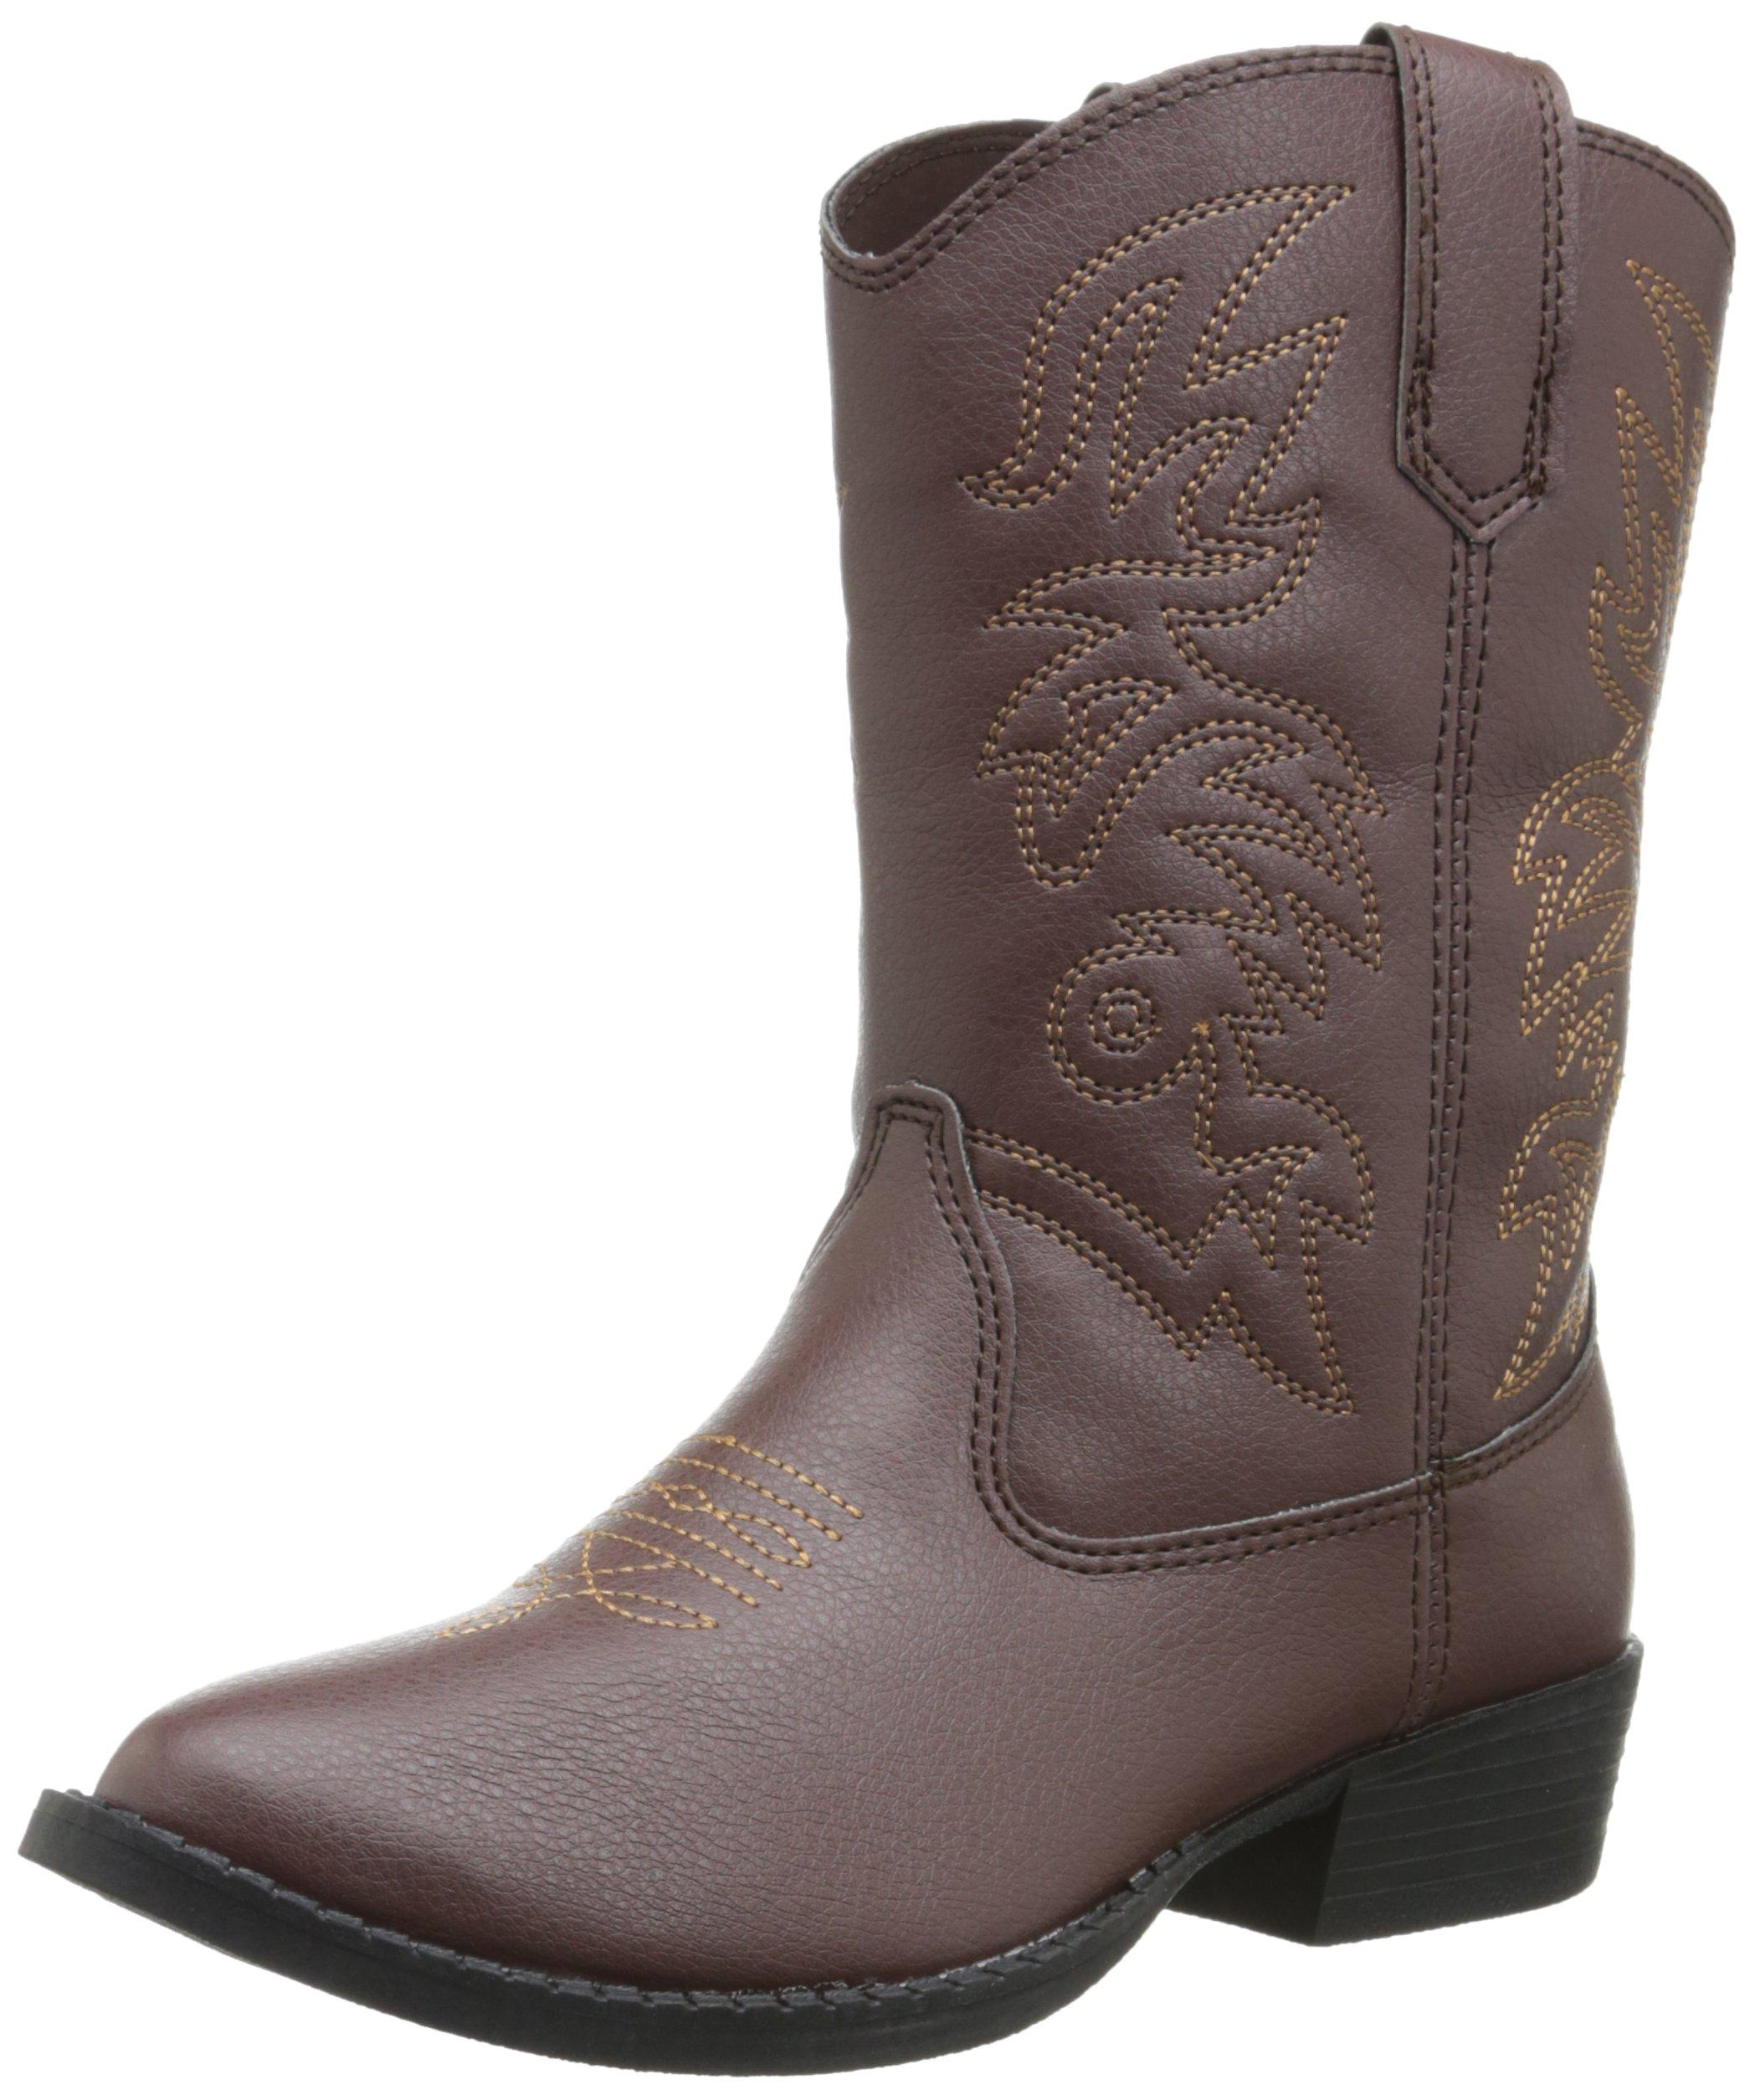 Deer Stags Ranch Kids Cowboy Boot (Toddler/Little Kid/Big Kid), Dark Brown, 5 M US Big Kid